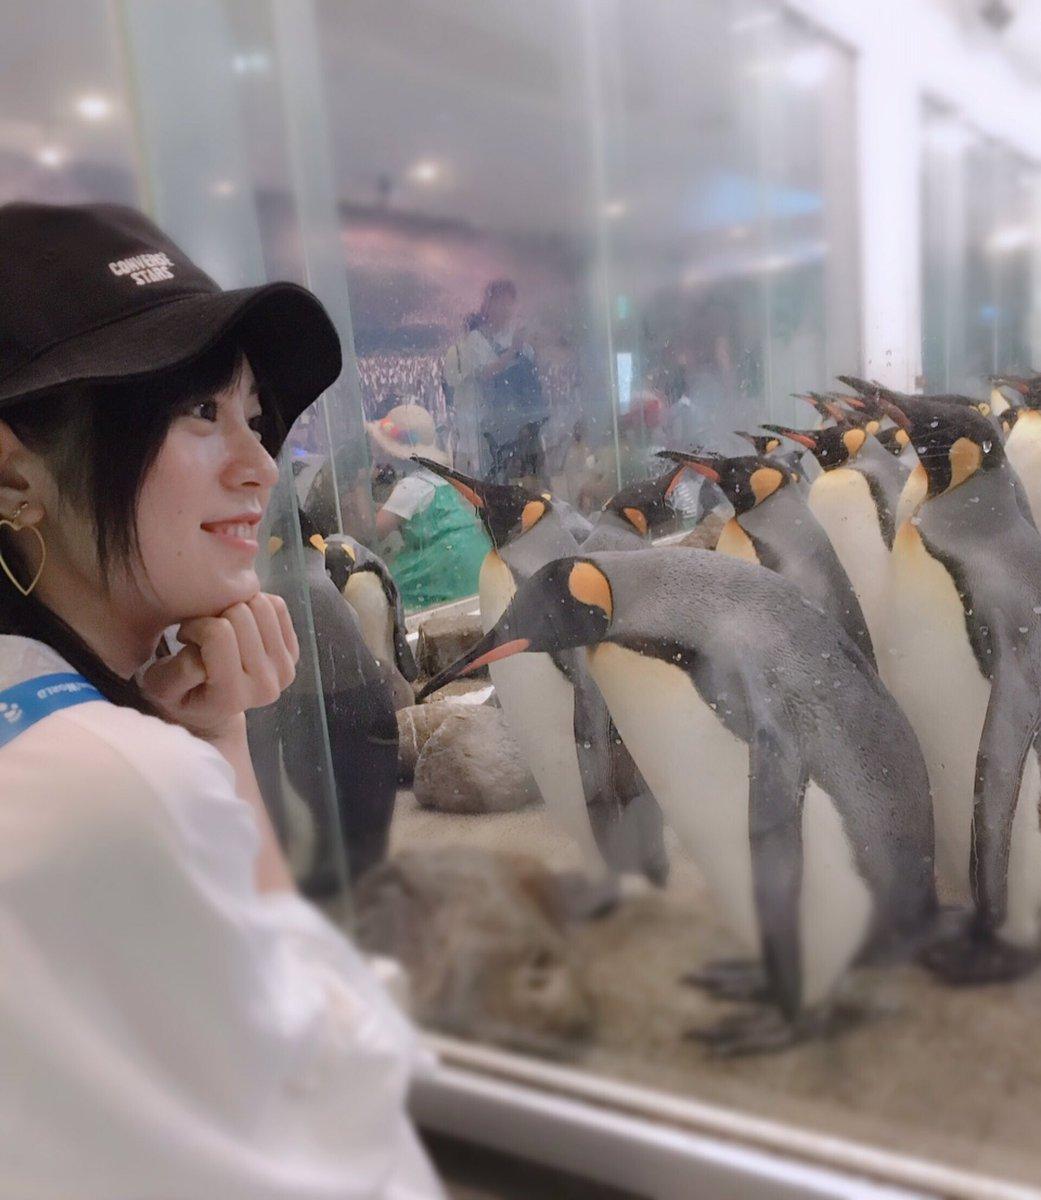 ペンギンさんもいっぱいでした!🐧🐧🐧🐧🐧🐧💓写真スポットも!4枚目のドヤ顔!!!😎#アドベンチャーワールド#和歌山#南紀白浜